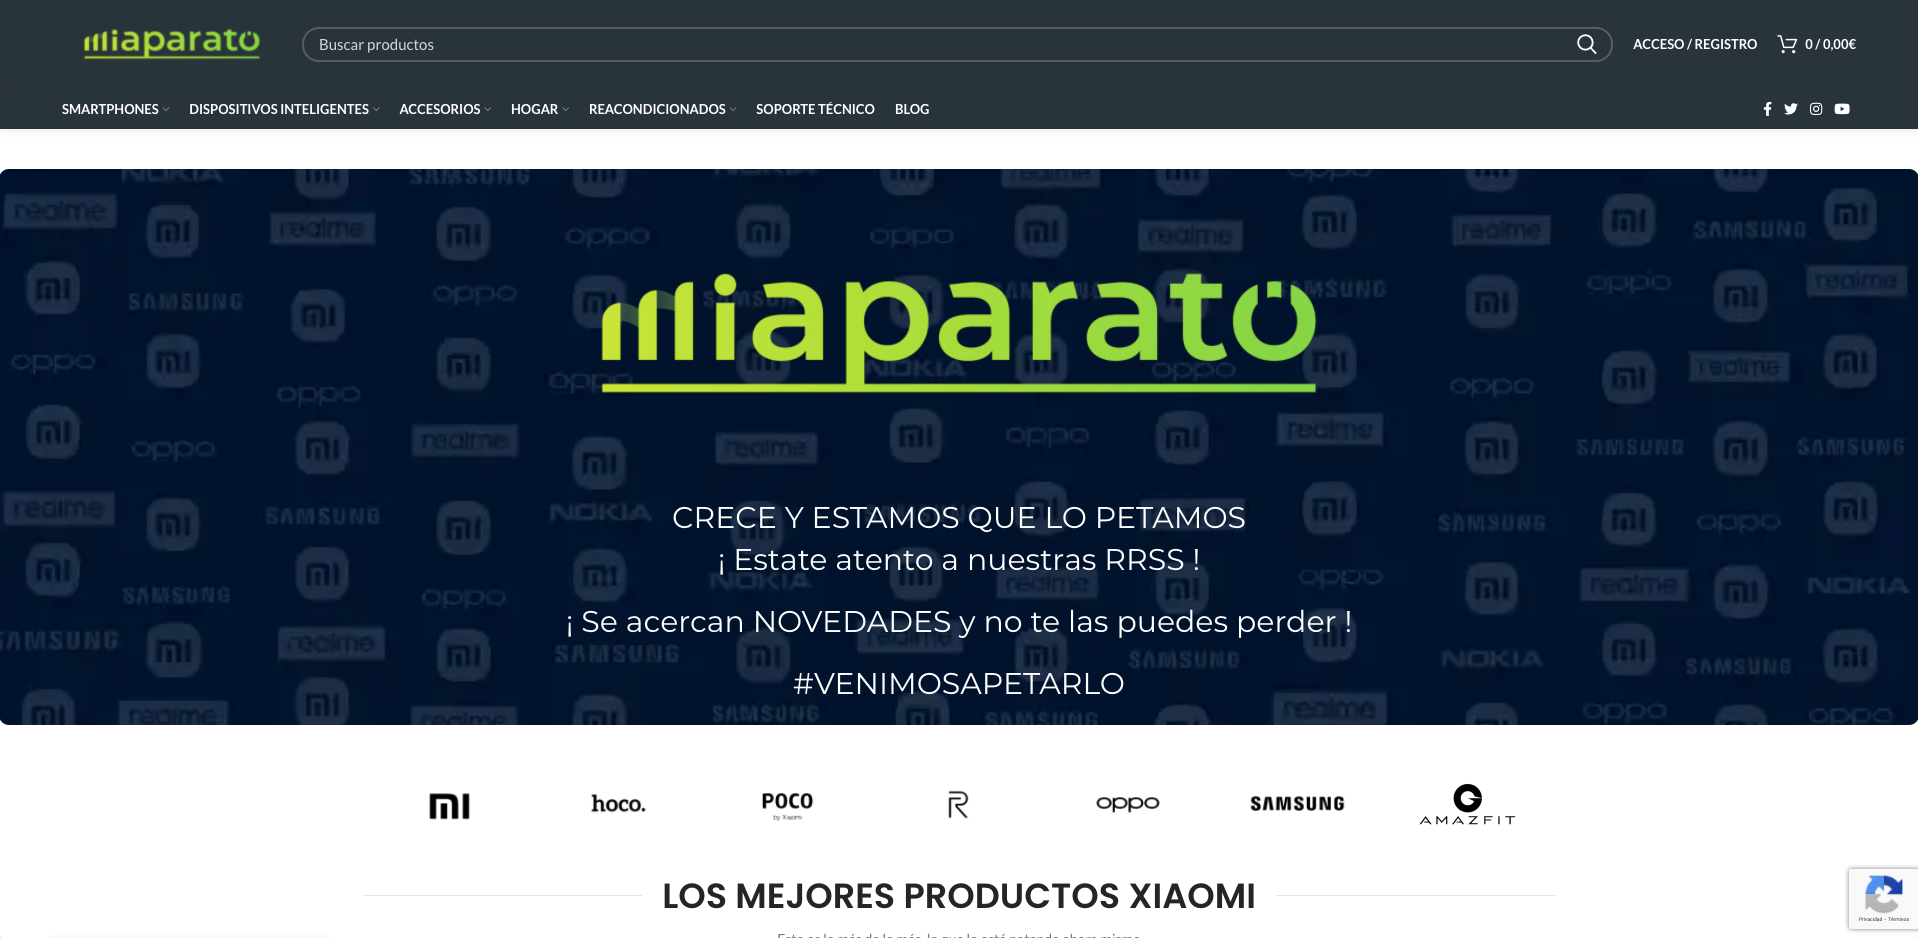 Diseño web Miaparato - Creación de Sitios Web